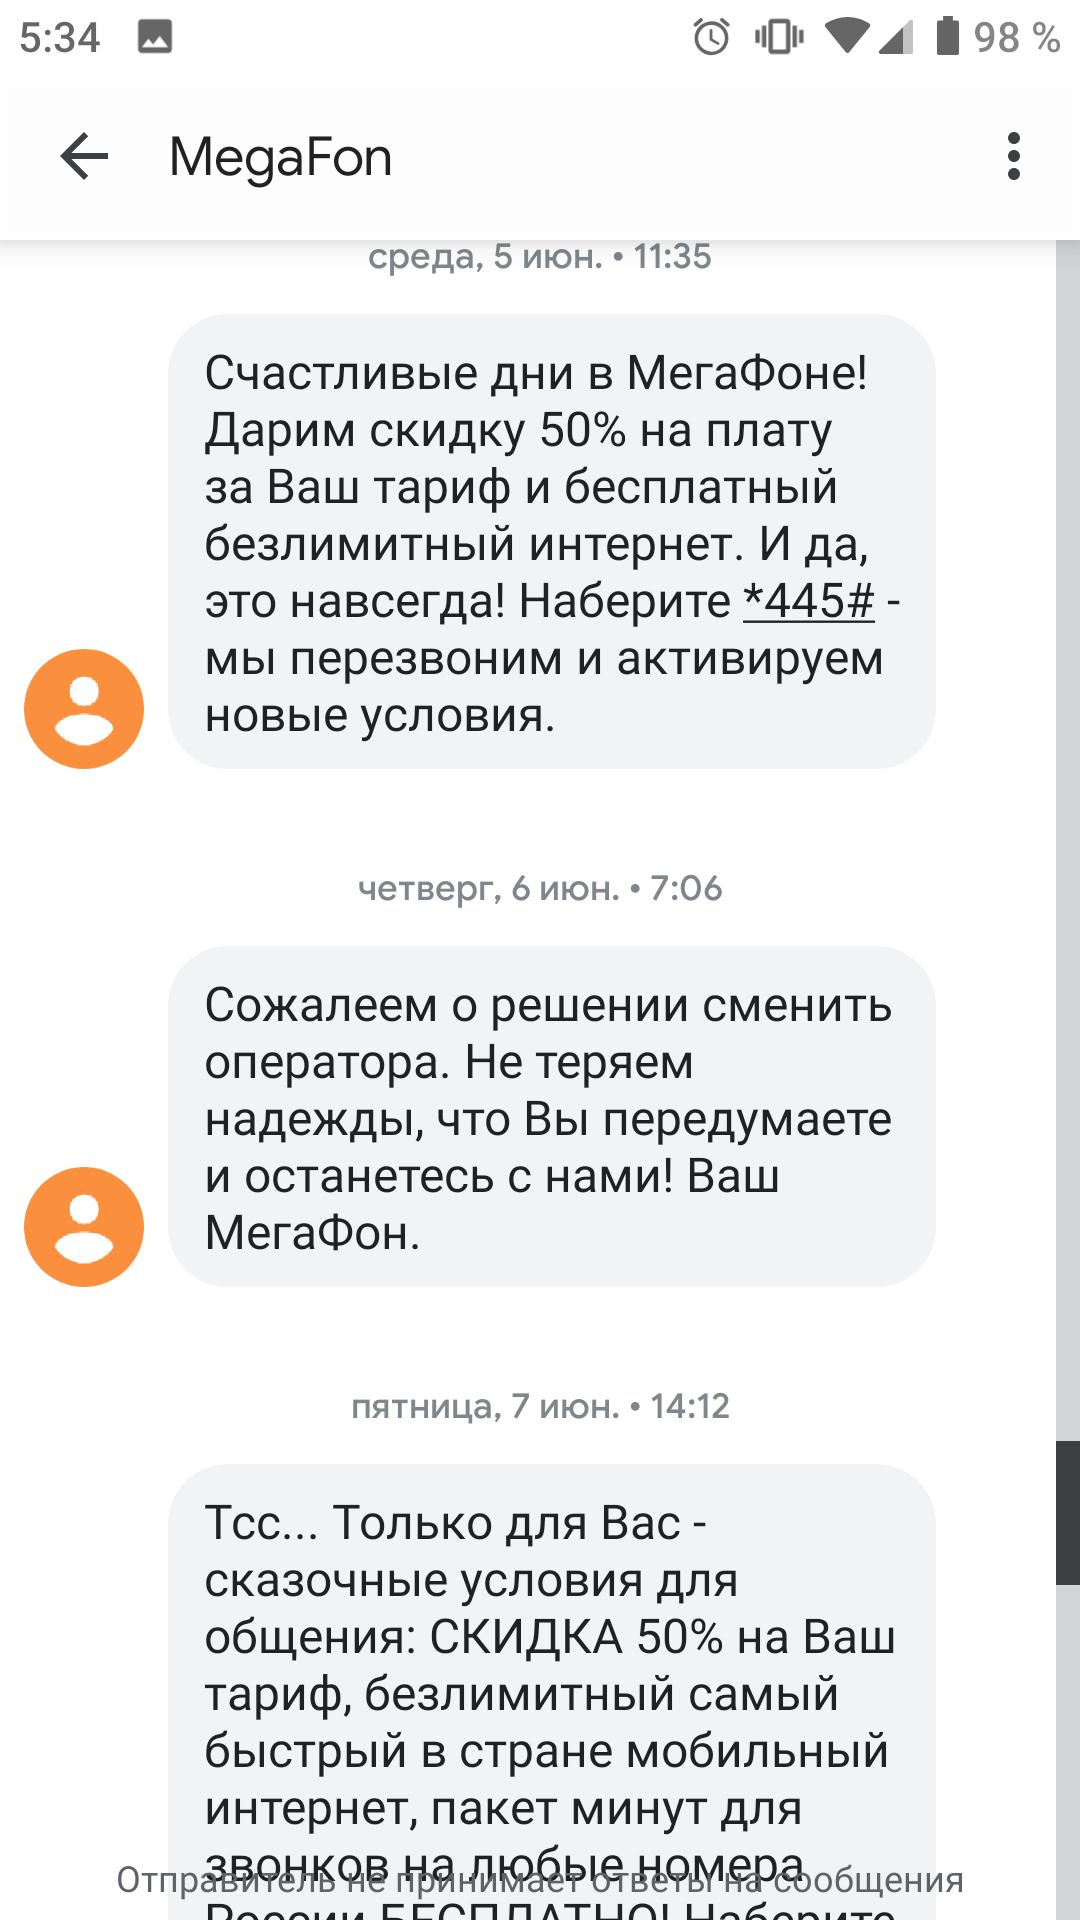 Кредит для ип онлайн заявка тинькофф